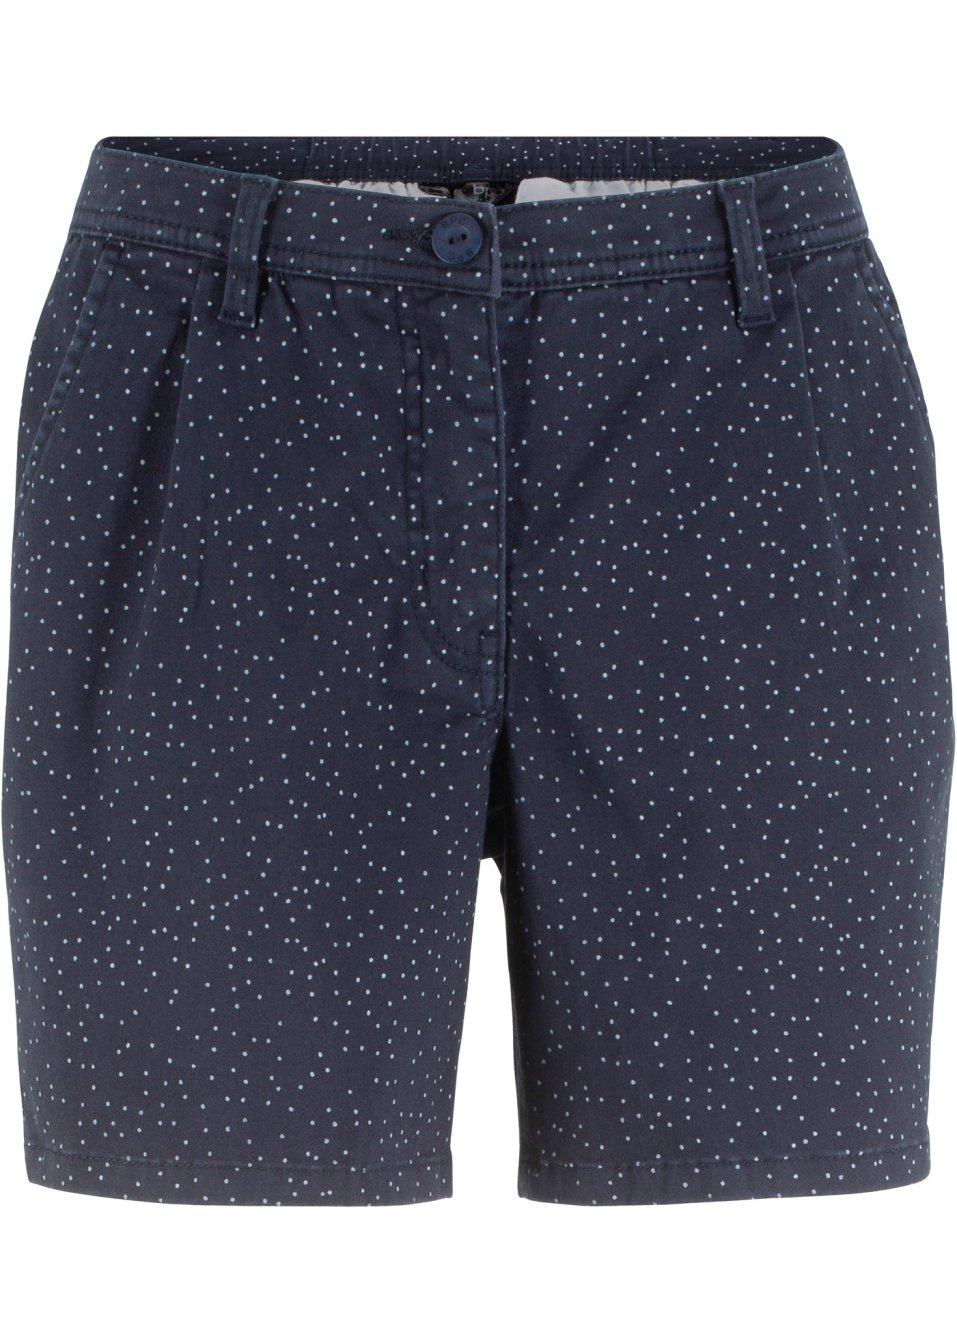 Stretch-Shorts mit Elastik-Einsatz hinten am Bund seitliche Eingrifftaschen - dunkelblau/weiß gepunktet TRLMD F56fR